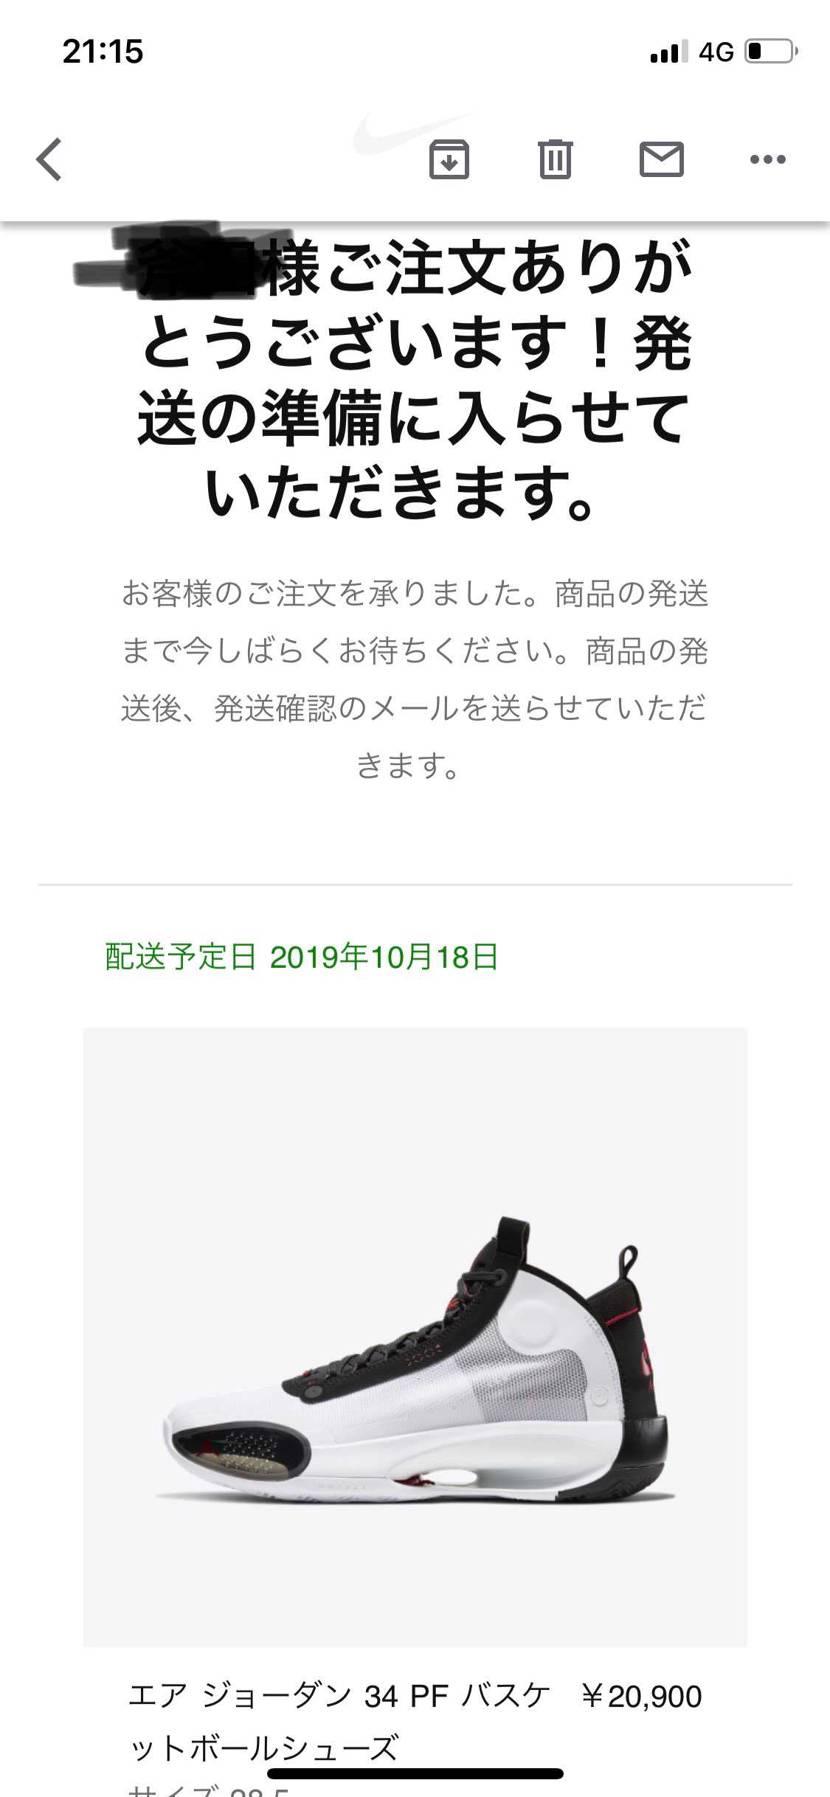 先日、京都のバスケ専門店で試着。 サイズがなかったので幅は狭かったけどグリップ